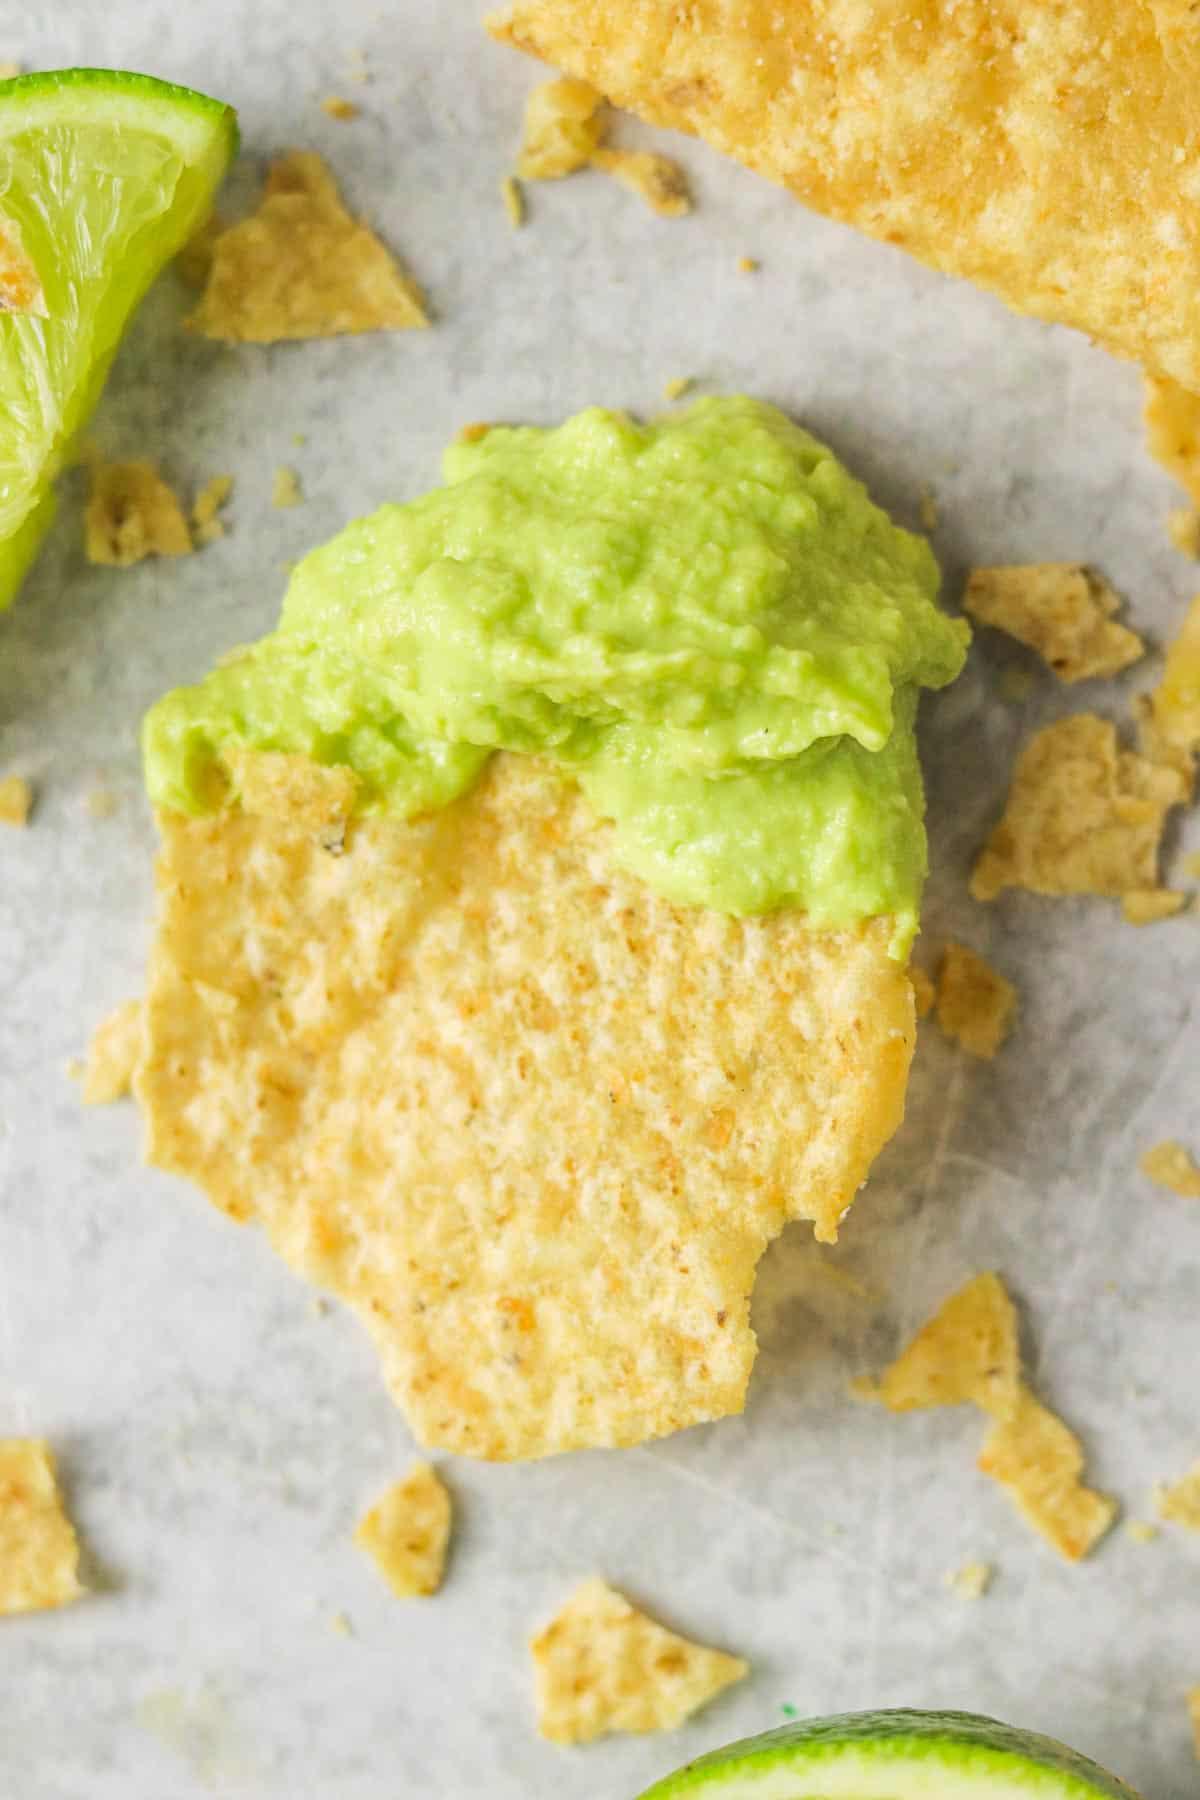 A tortilla chip dipped into avocado lime crema.